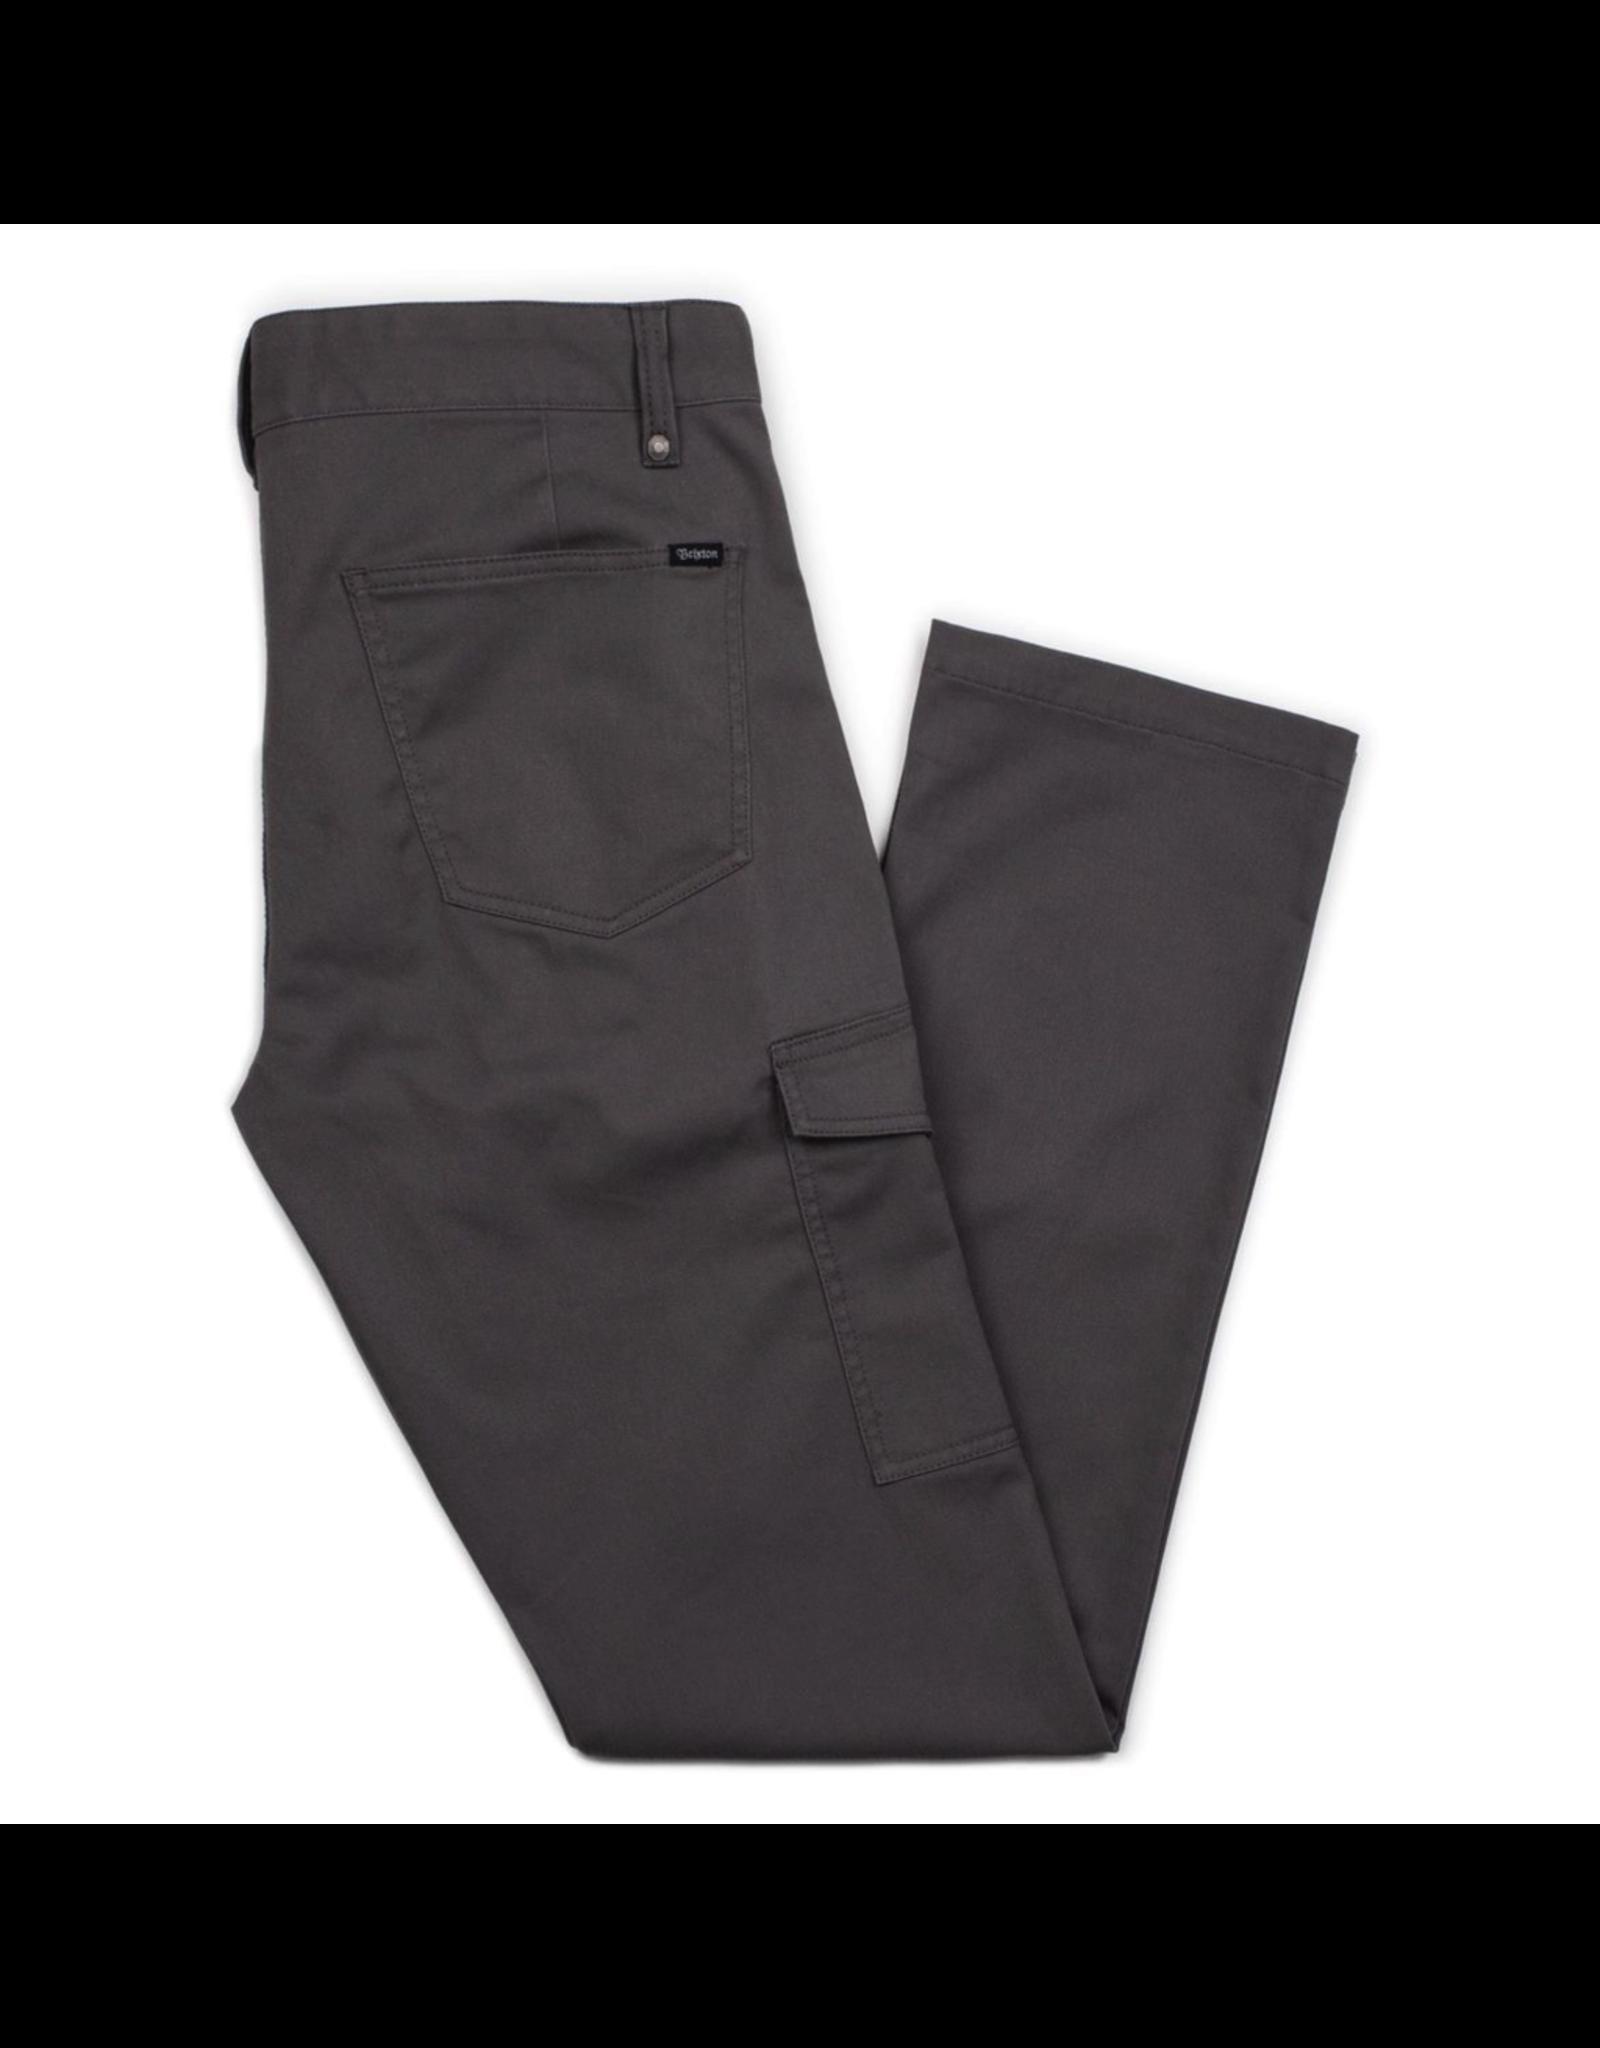 Brixton Fleet Cargo Pants